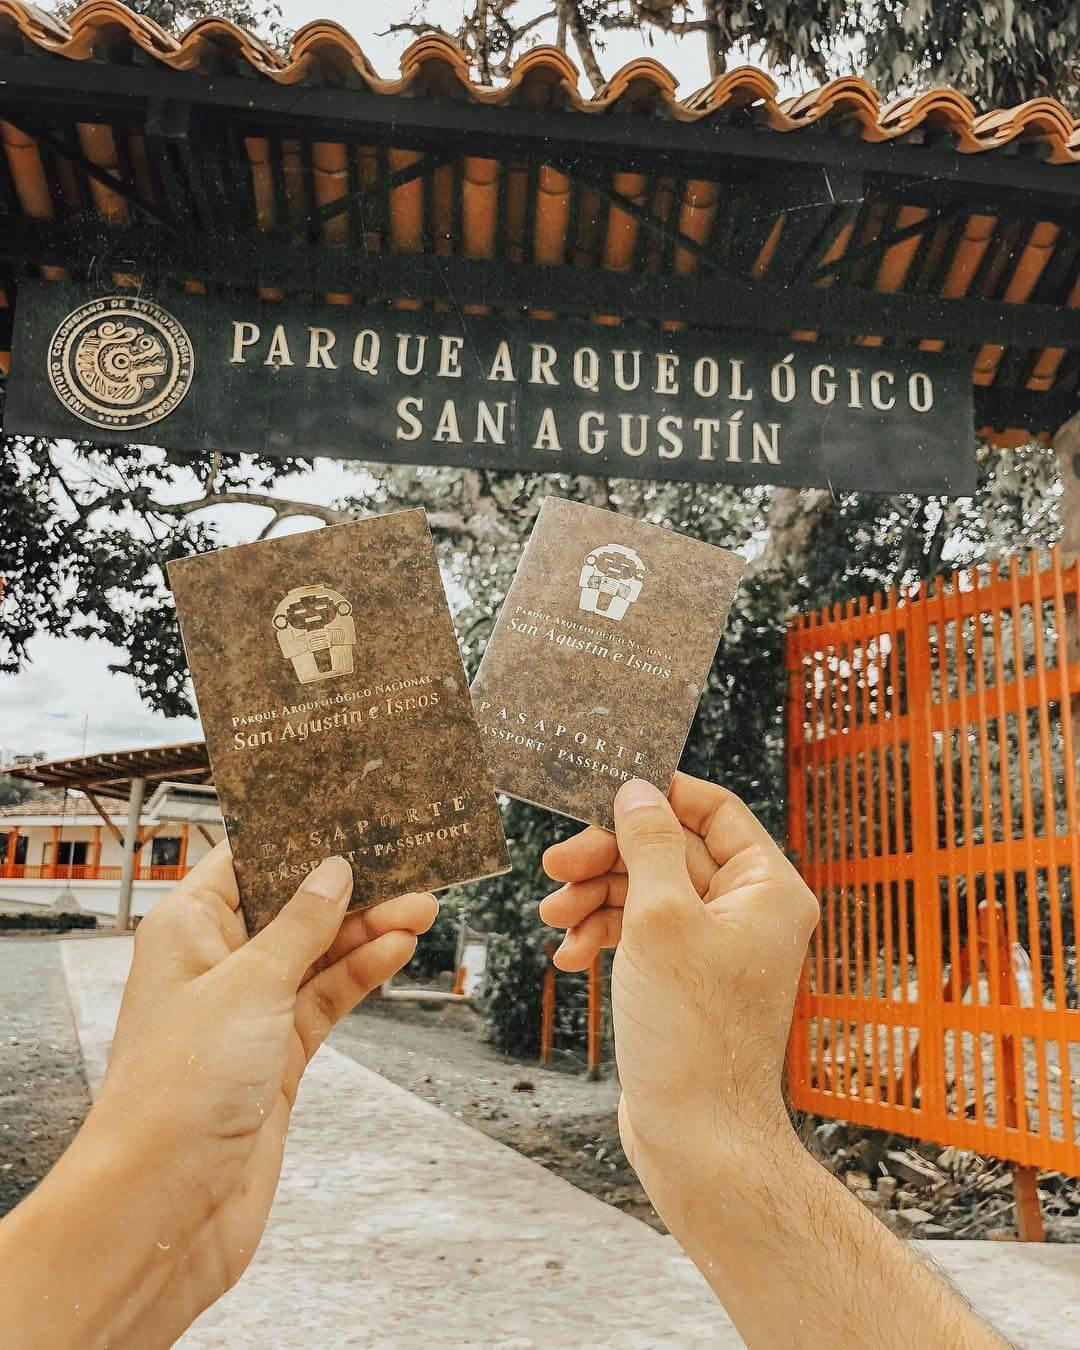 Pasaporte Parque Arqueológico San Agustín una buena opción para definir donde ir en semana santa